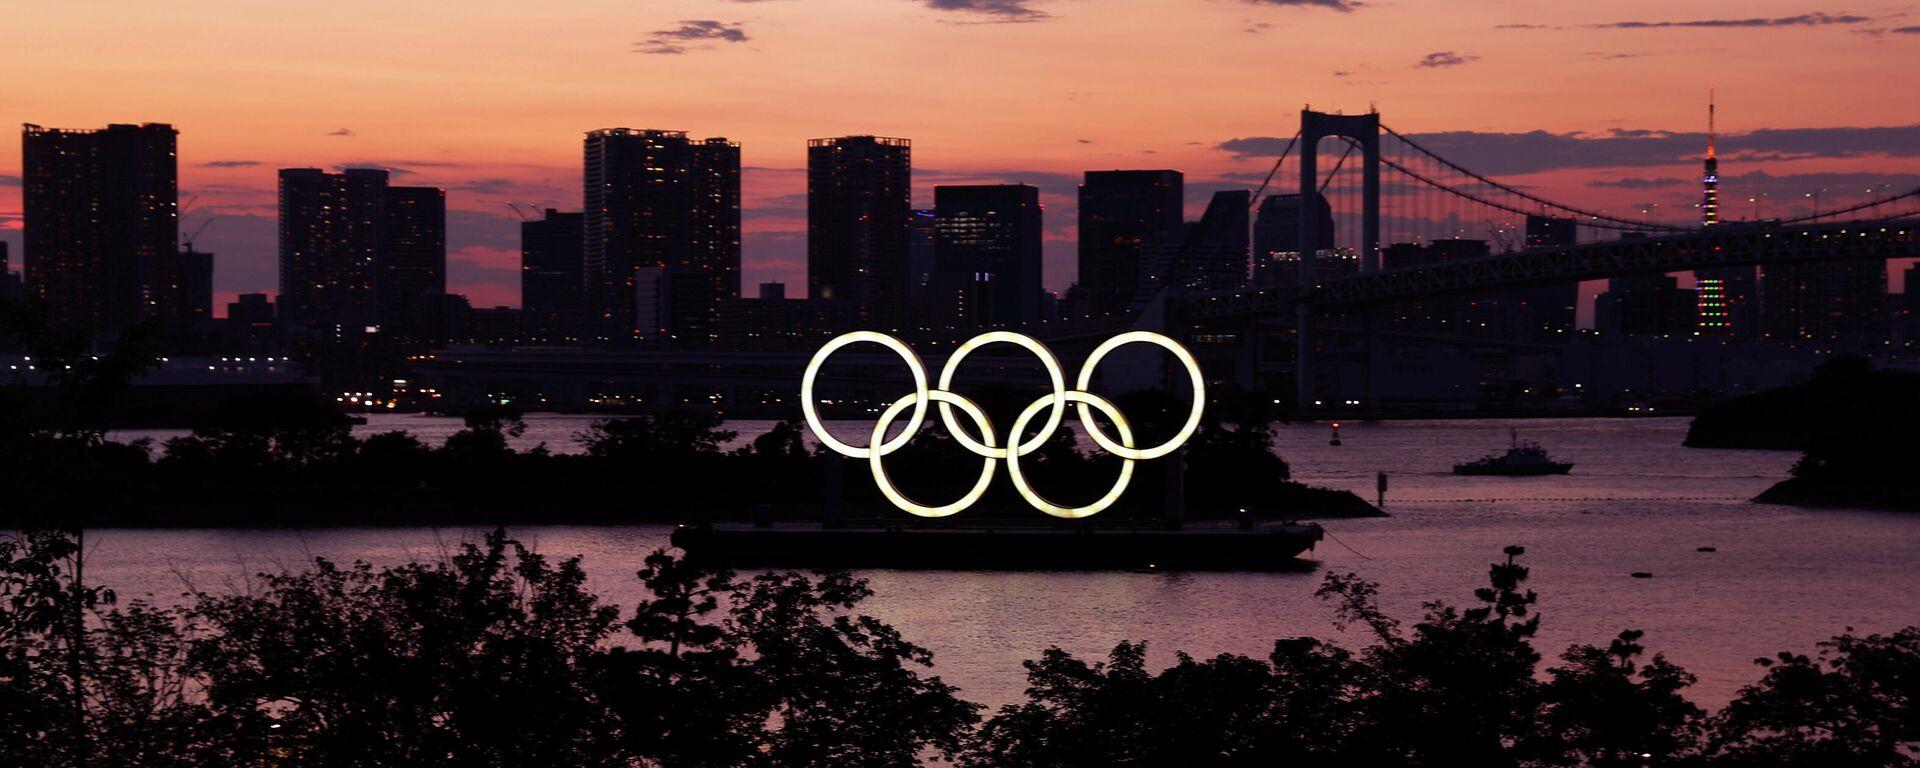 Aros olímpicos en Tokio, Japón - Sputnik Mundo, 1920, 22.07.2021